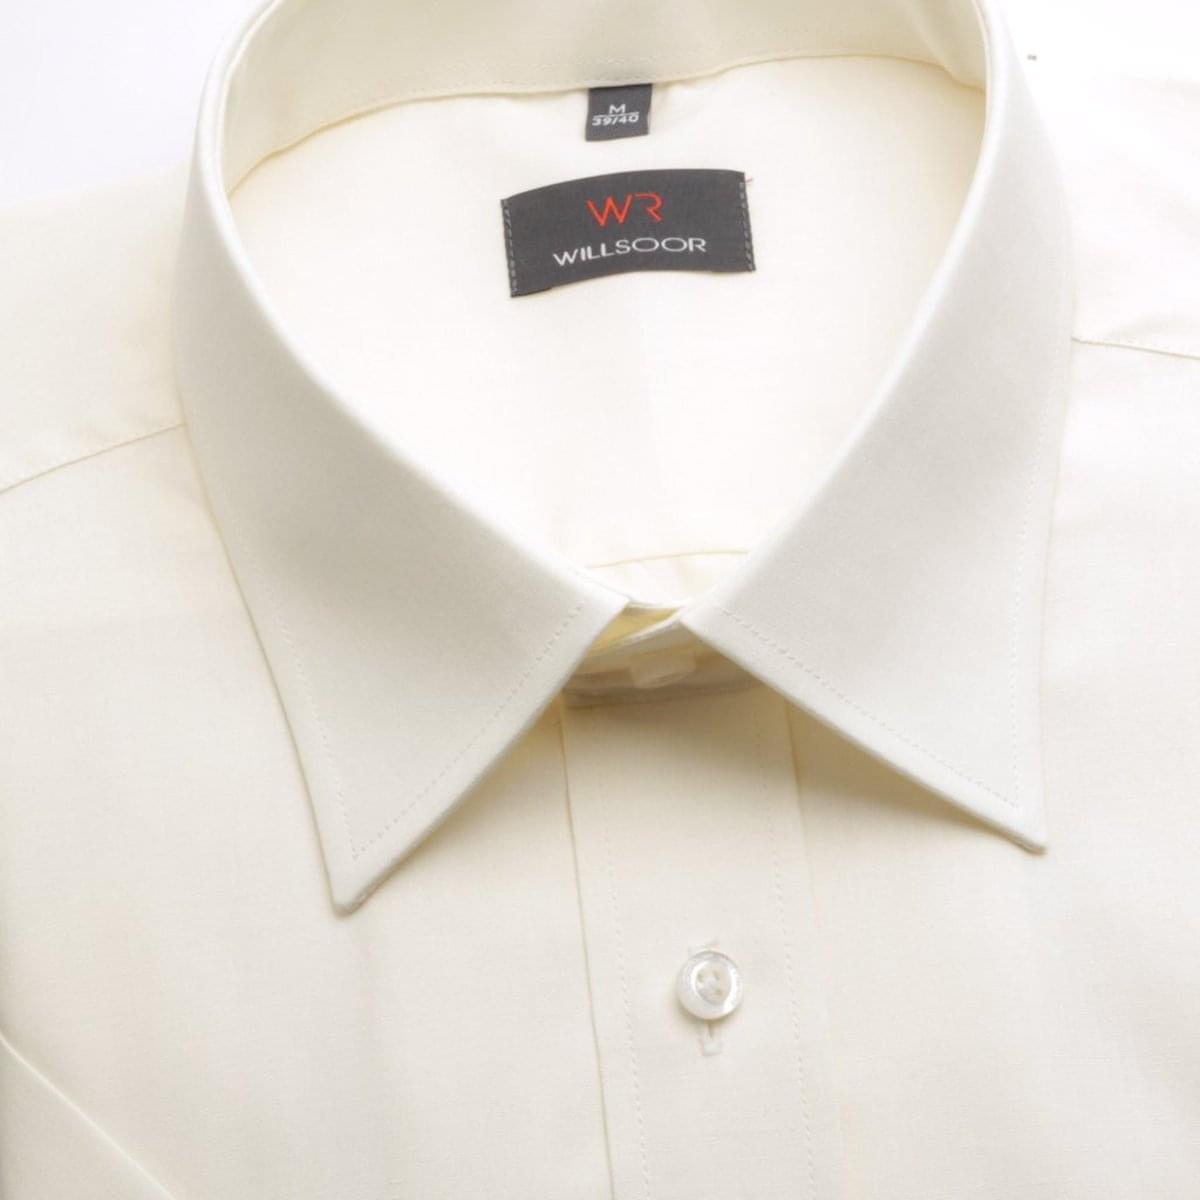 Pánska košele WR Classic s krátkym rukávom v ecru farbe (výška 176-182) 4857 176-182 / XL (43/44)